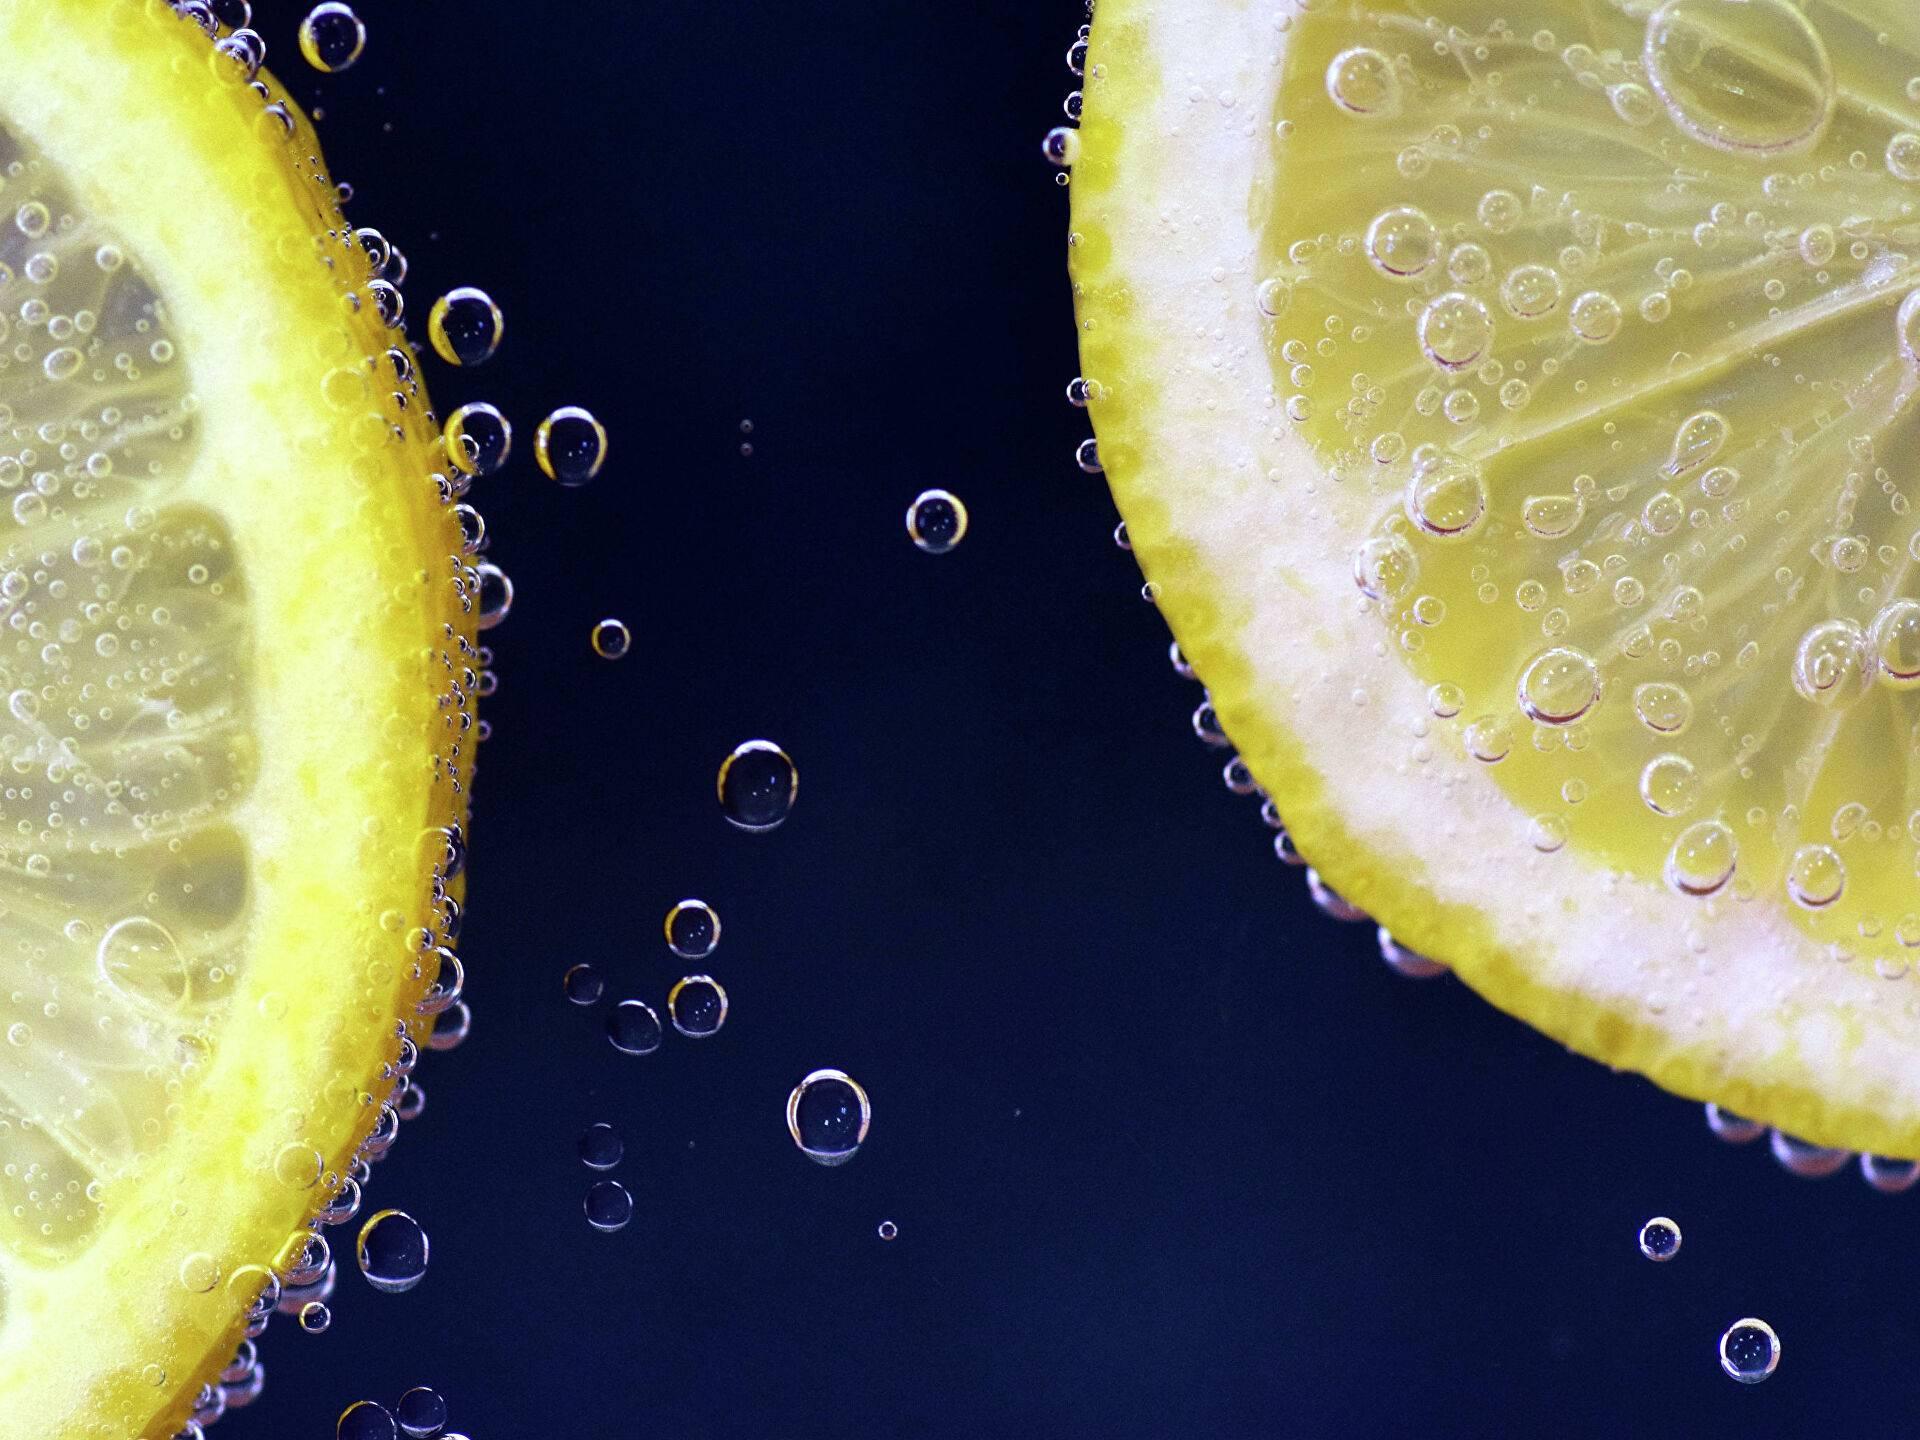 Ягоды годжи для похудения: как употреблять и отзывы : как принимать, рецепты и отзывы | компетентно о здоровье на ilive